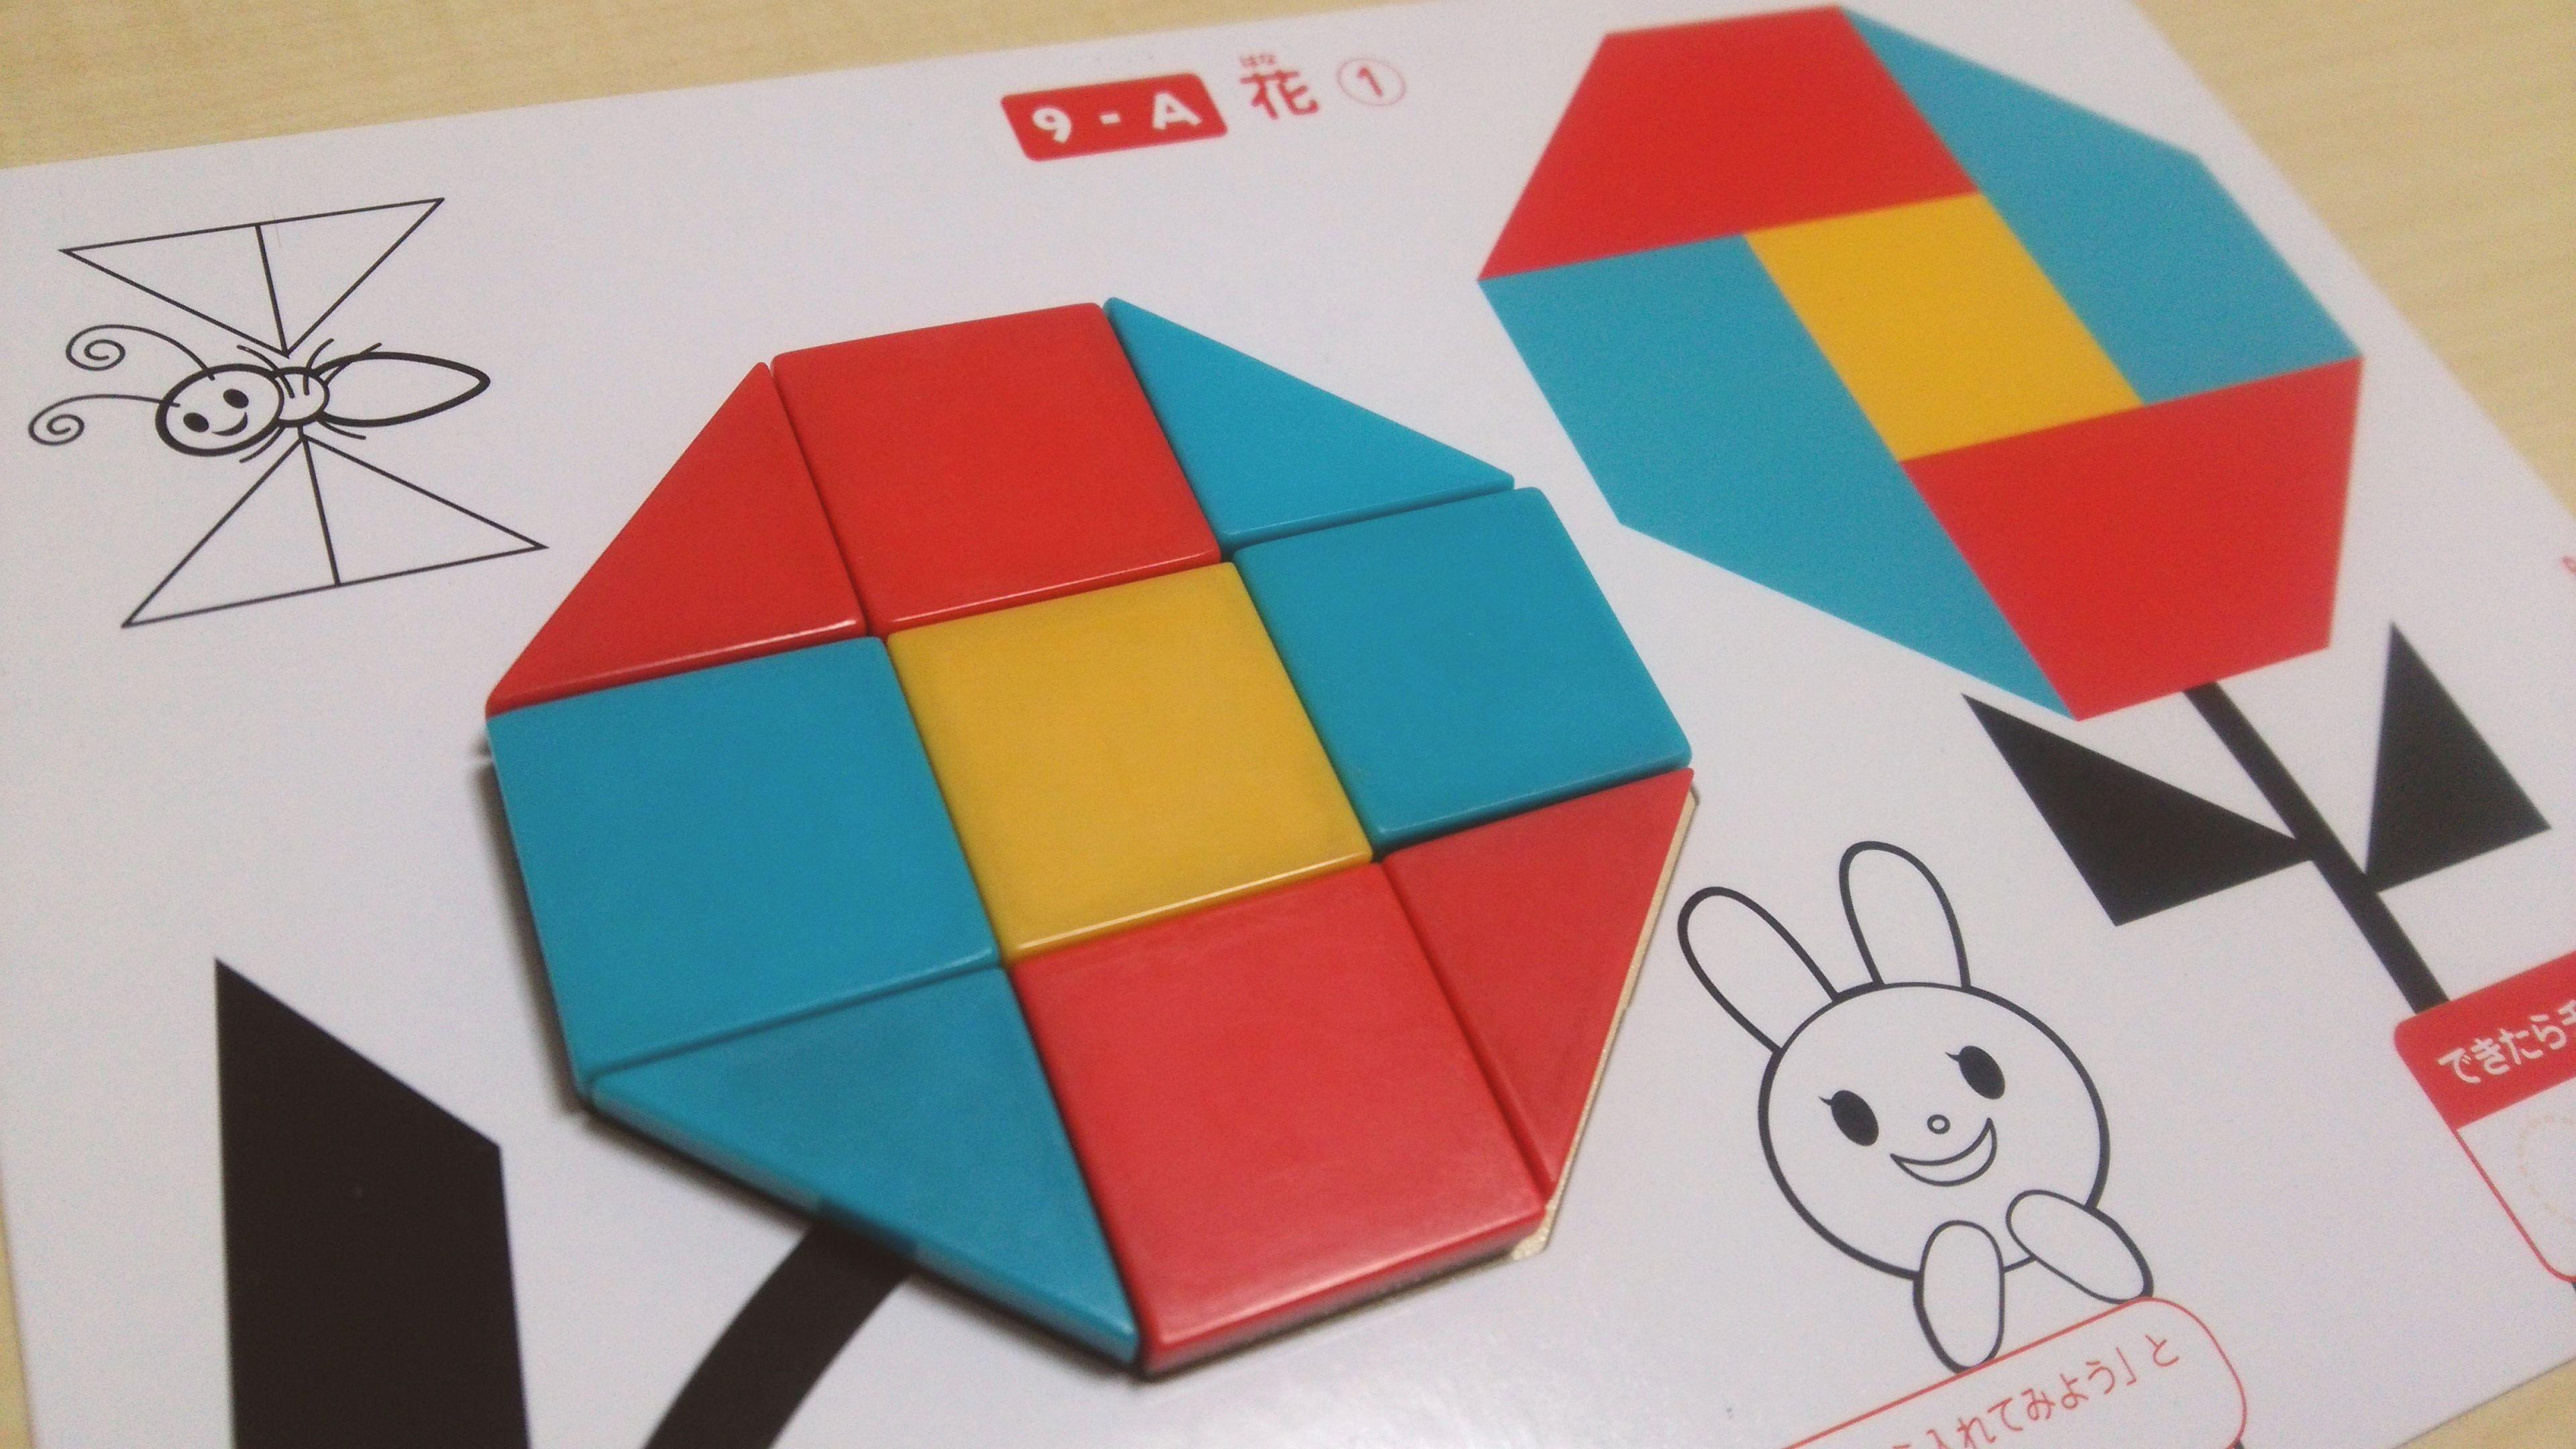 くもん『図形モザイクパズル』で、図形の合成・分解から「面積」の基礎まで